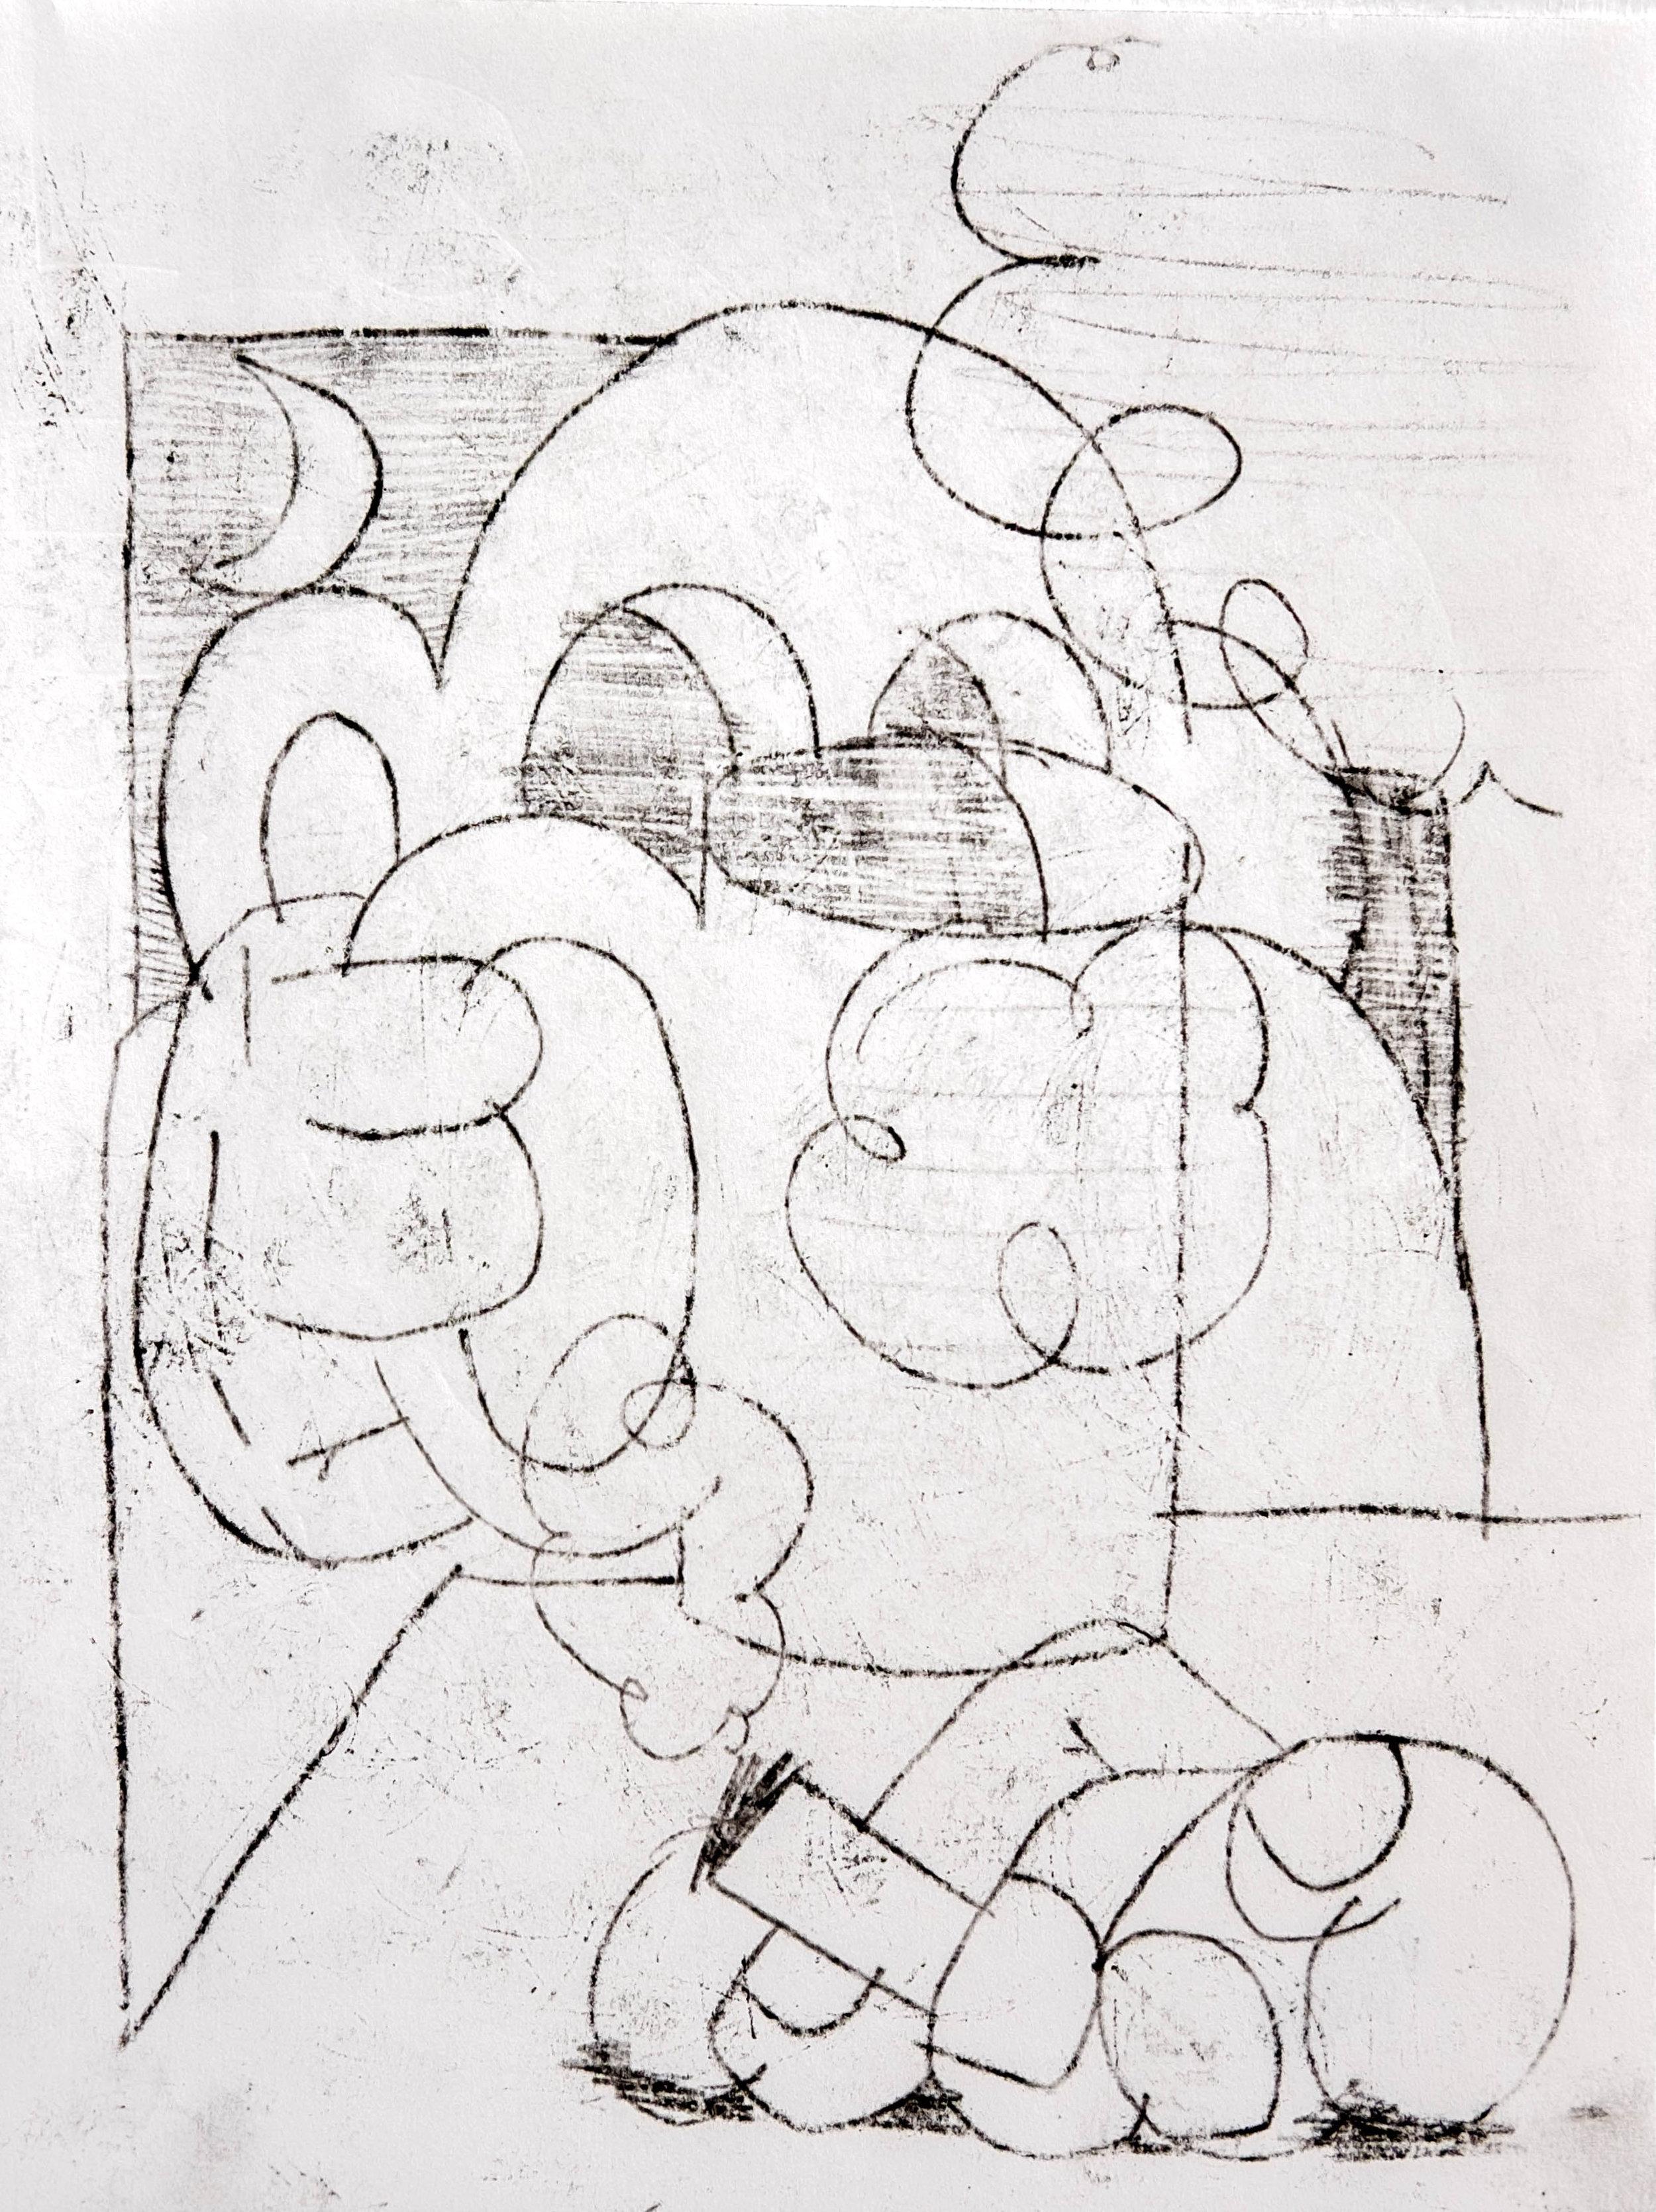 DSCF9618-19 (2).jpg